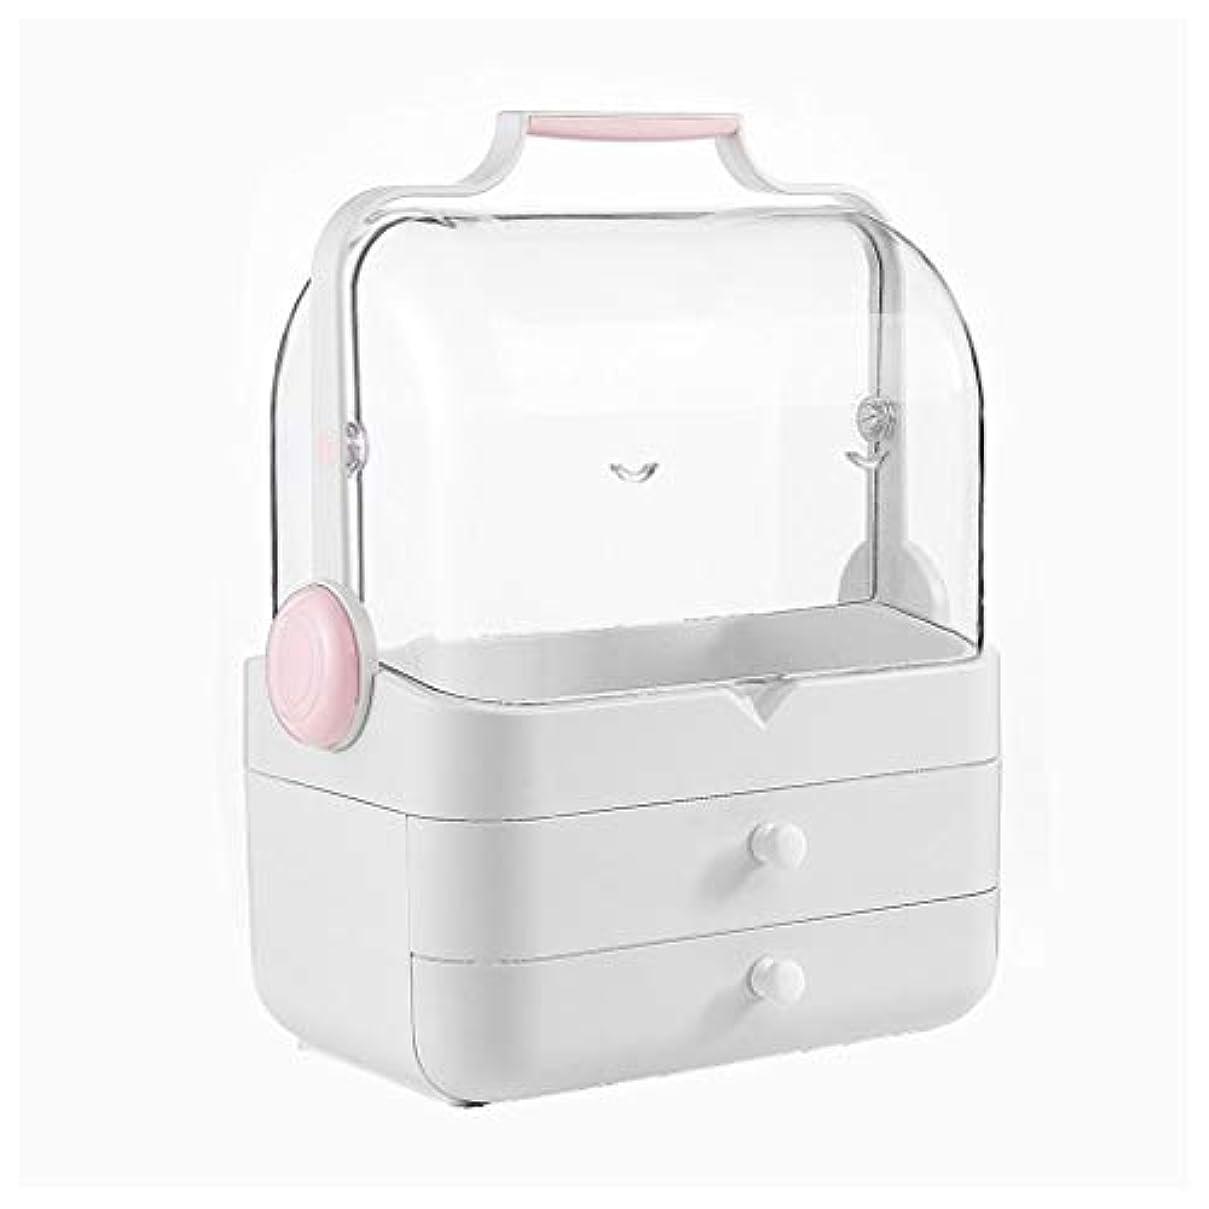 潜在的な執着クラブLDG クリア 化粧品収納ボックス、プラスチック ポータブル 大容量 引き出し 蓋 防水 防塵 メイクケース (Color : A)